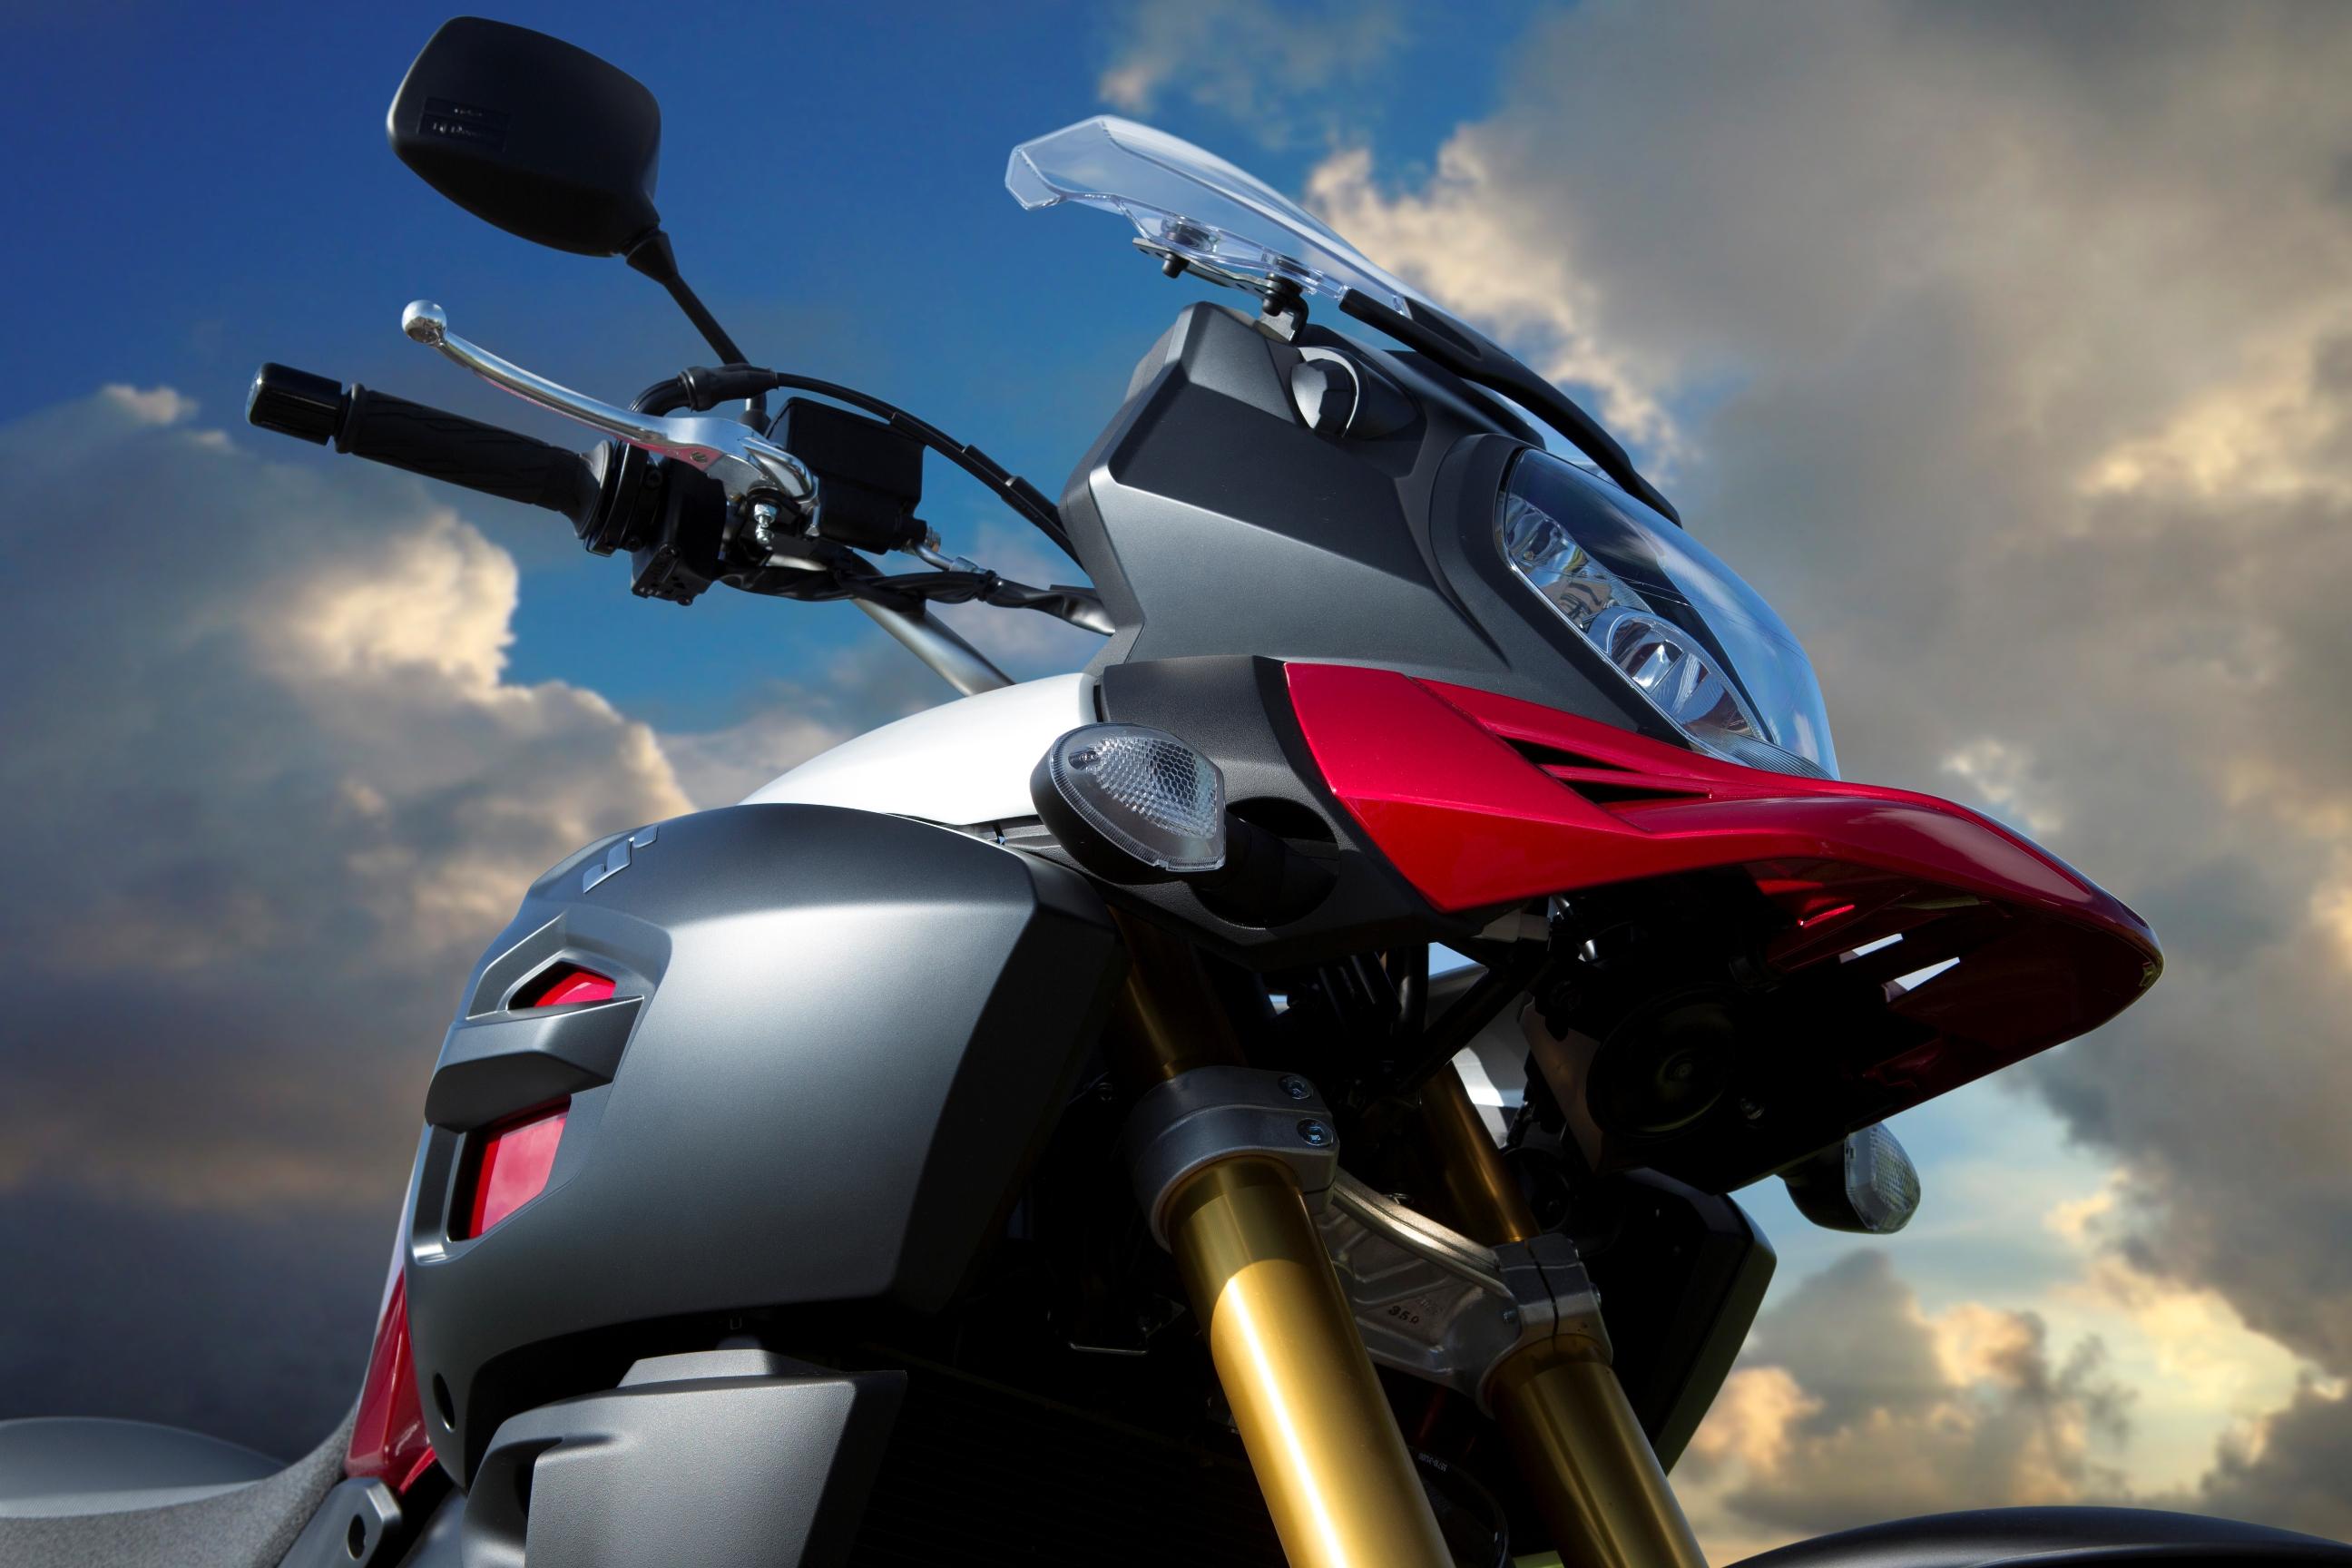 Suzuki Vip Night prosegue anche a gennaio